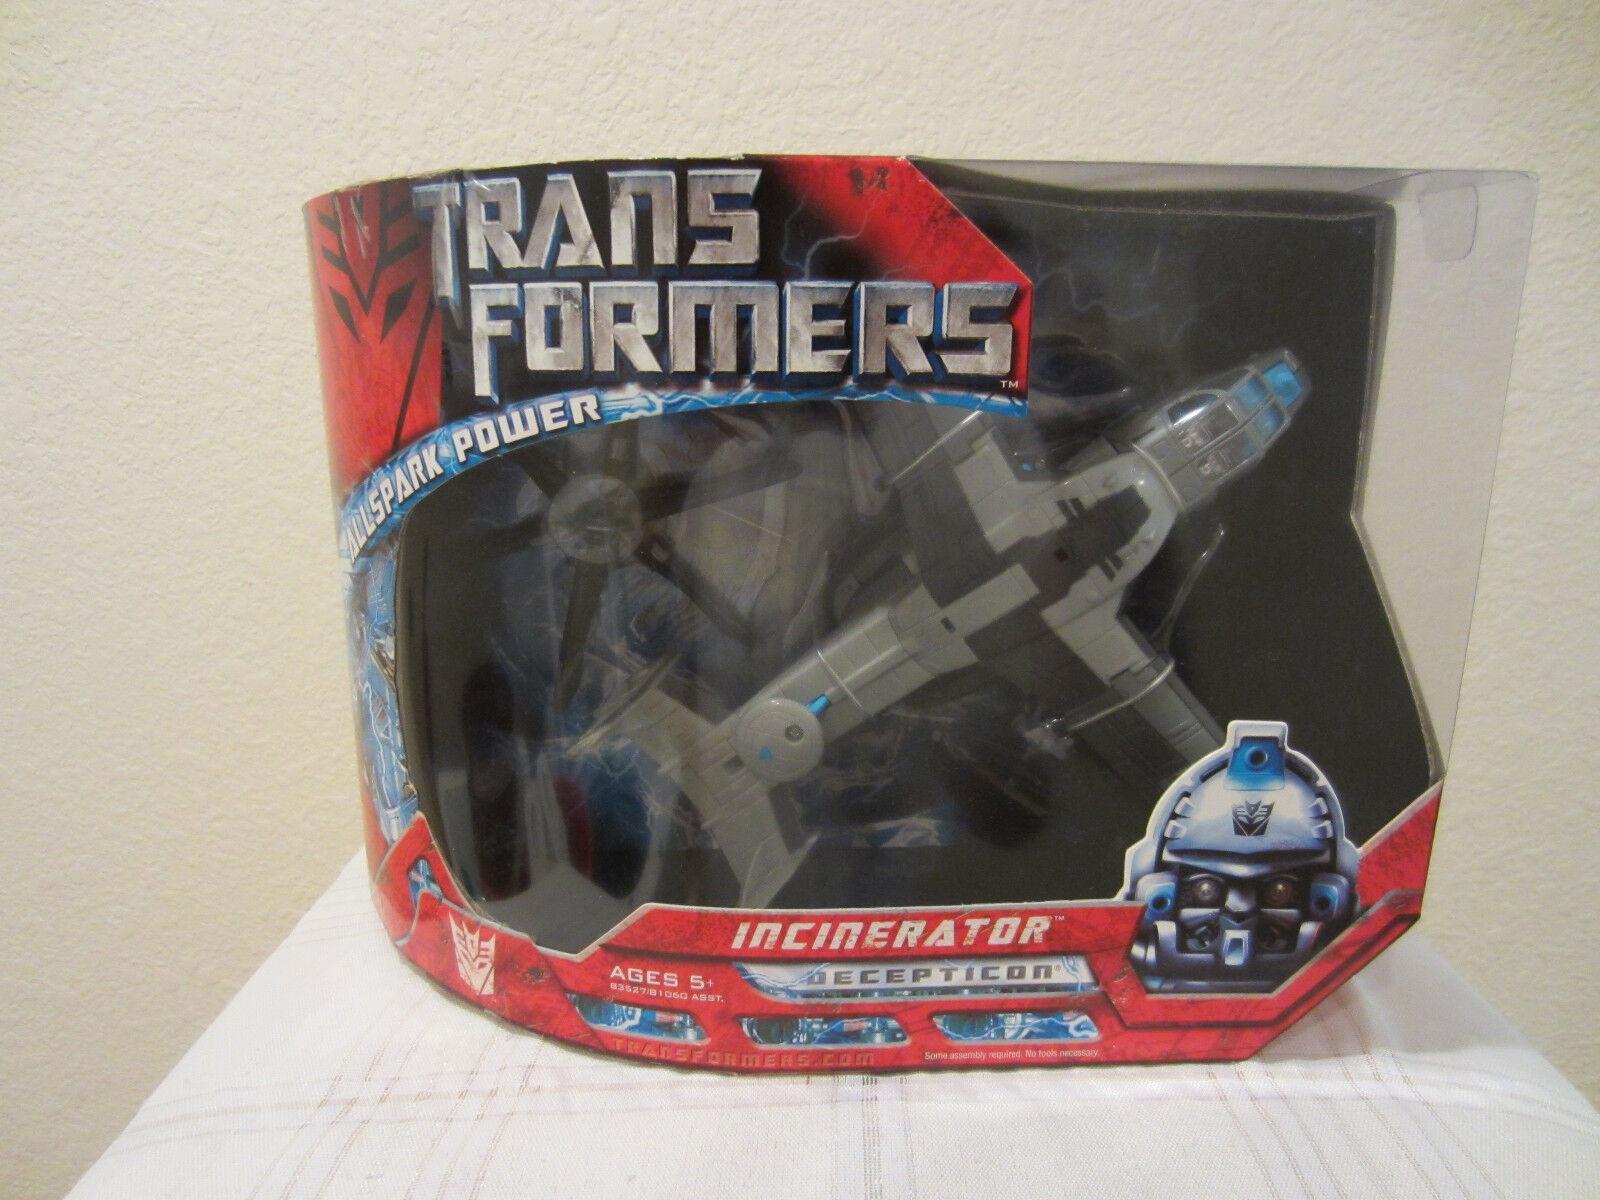 Transformers Hasbro 2007 2007 2007 Movie one Voyager Class Decepticon Incinerator MISB edc0e9